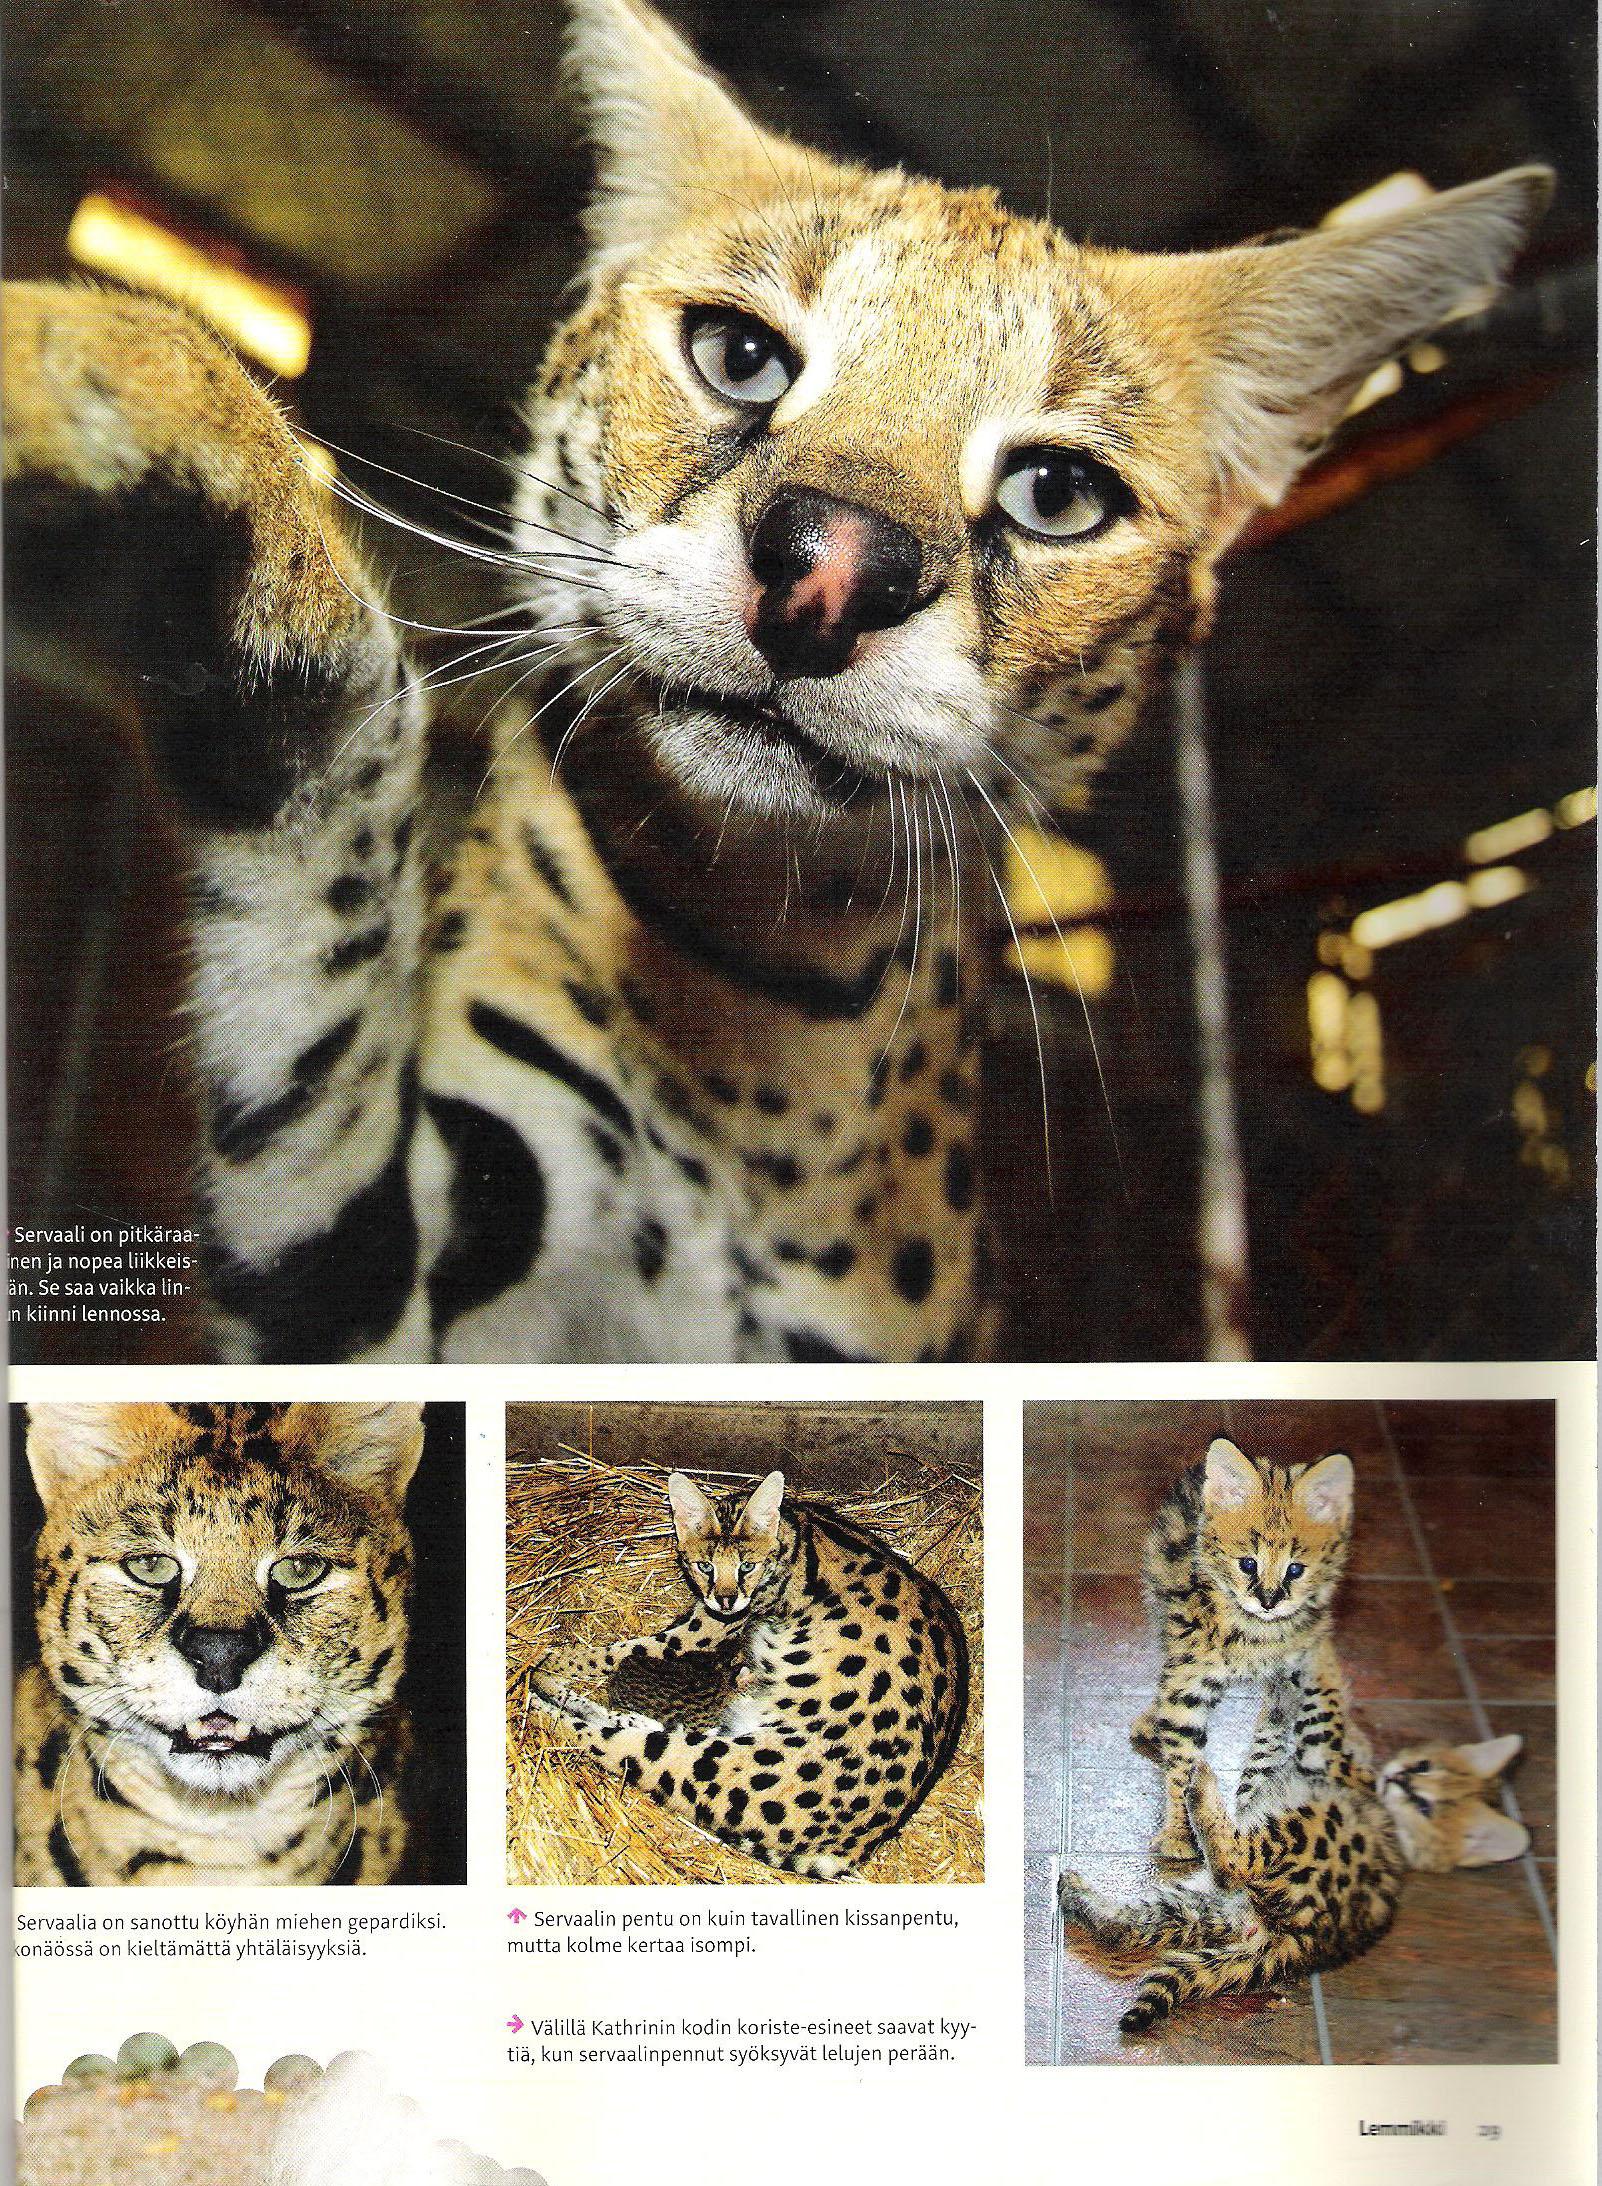 Lemmikki Magazine about A1Savannahs